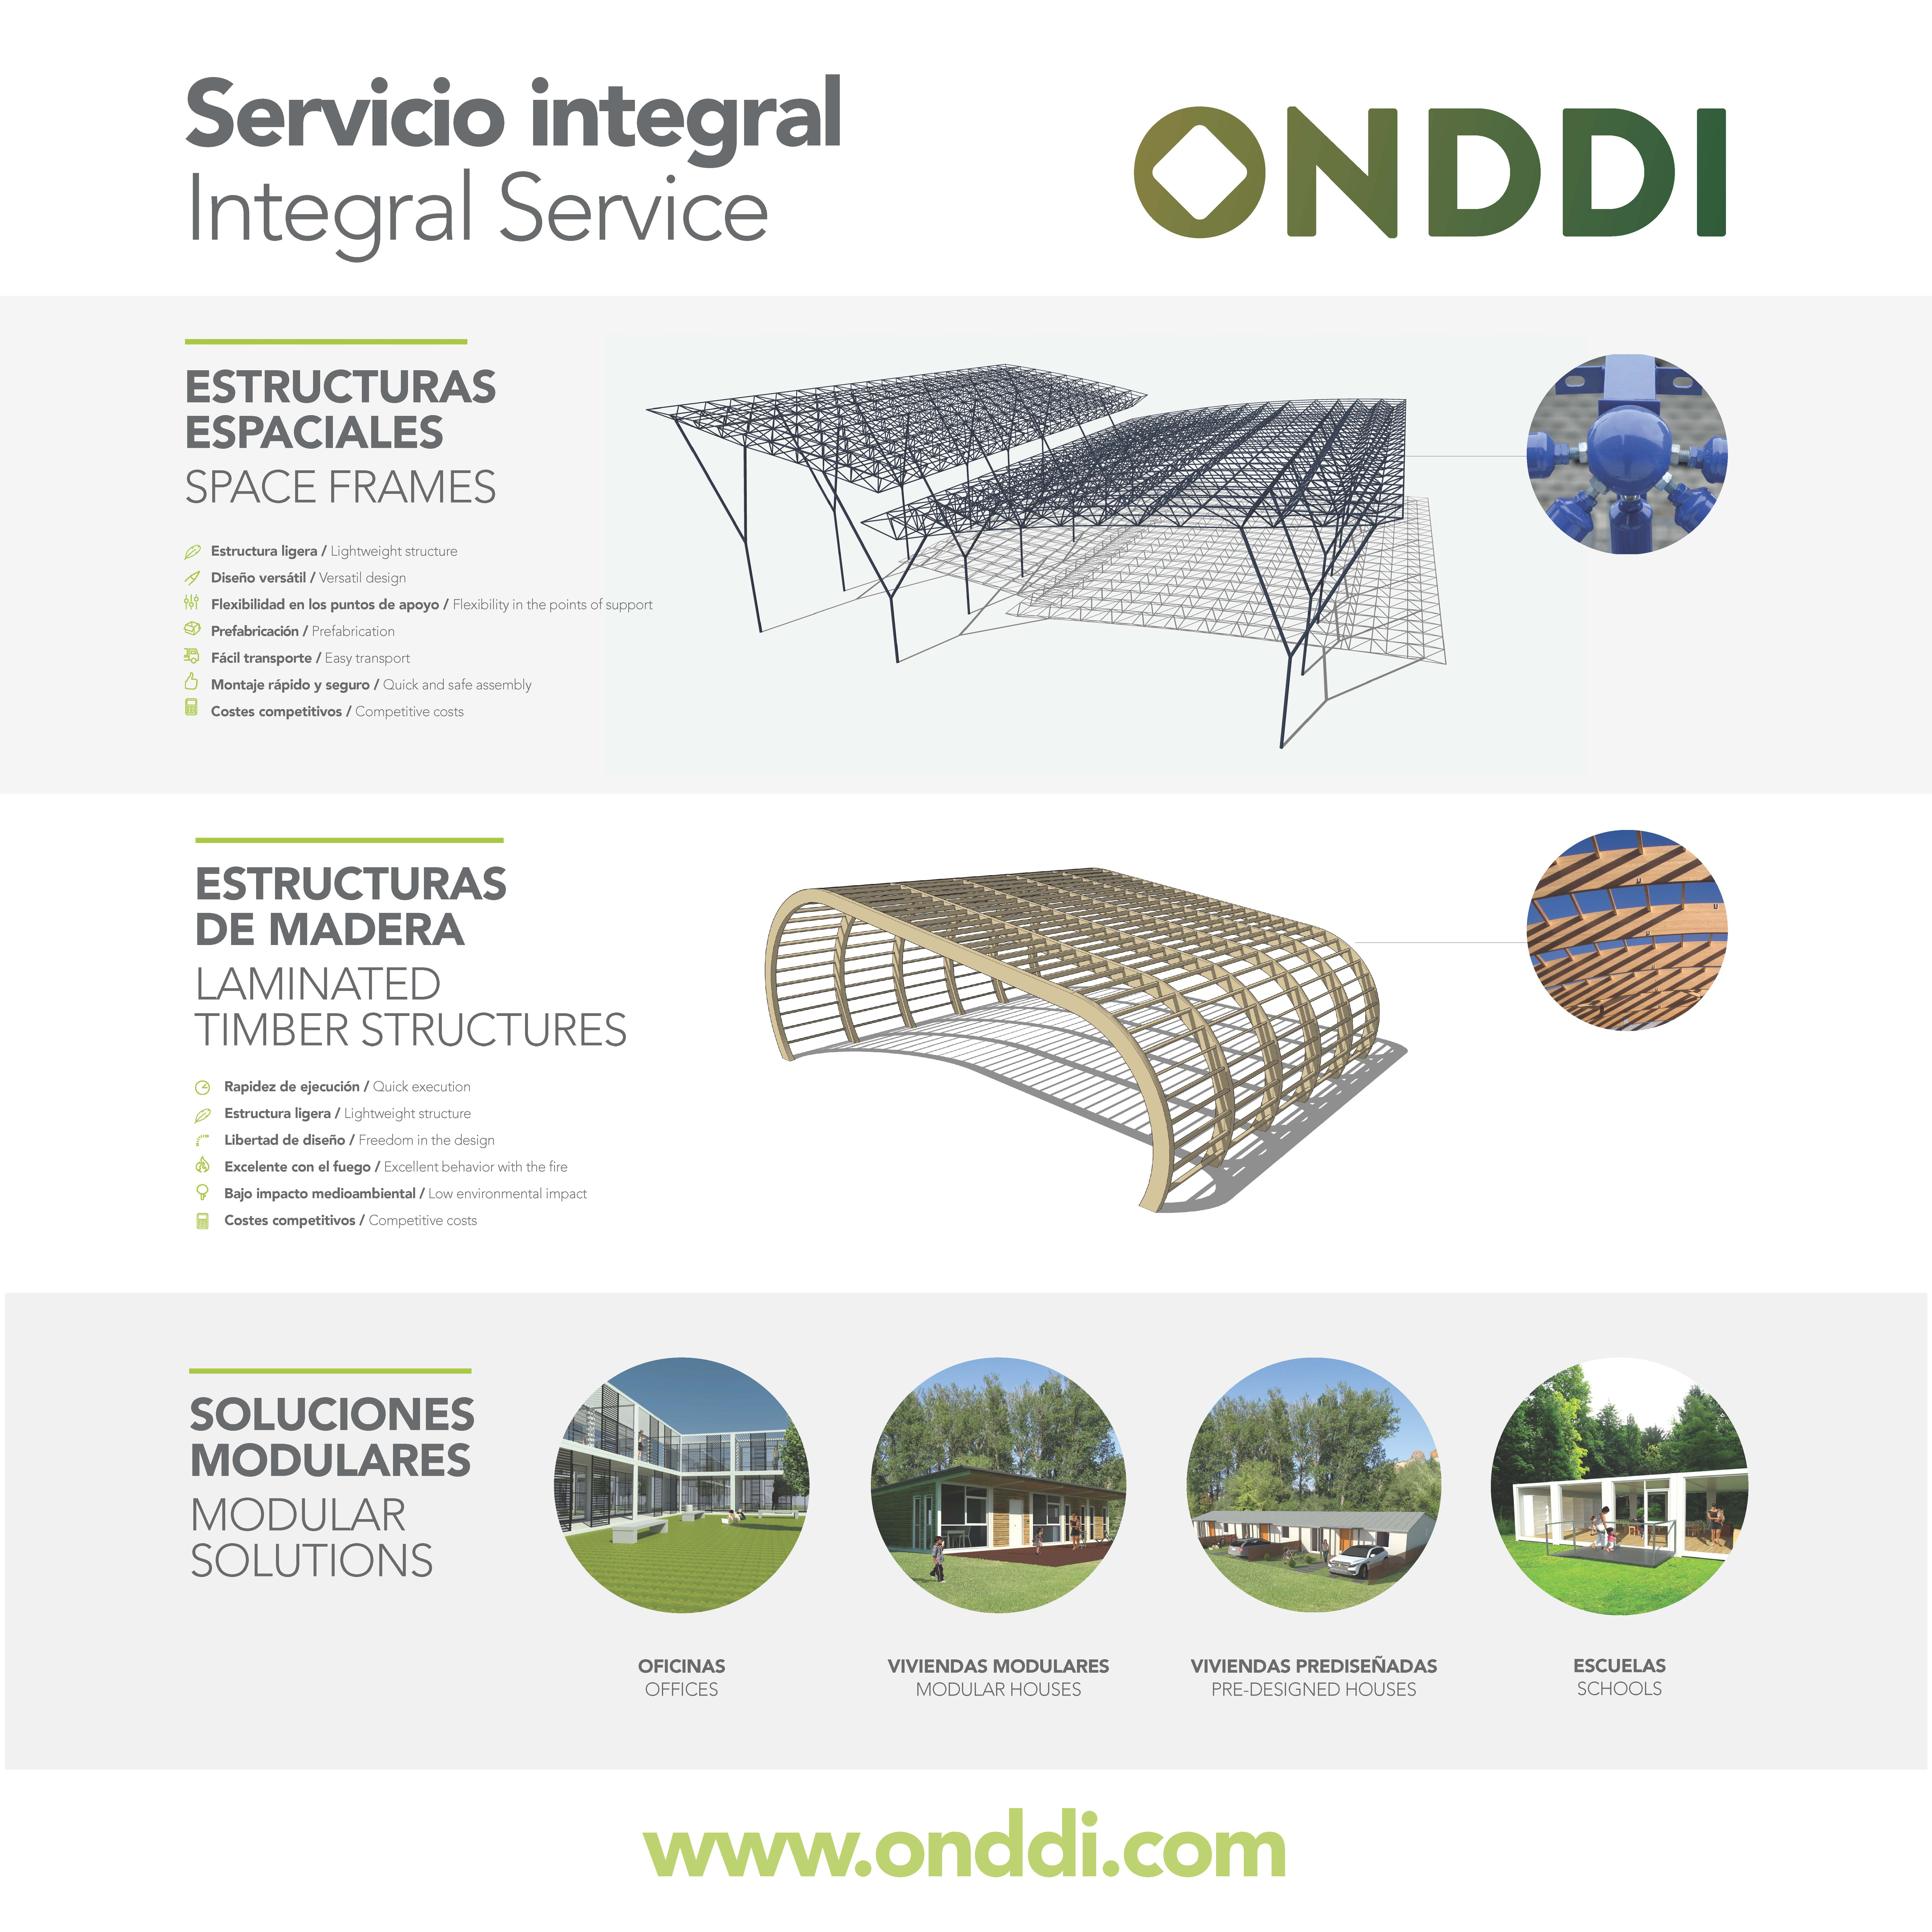 Estructuras espaciales, madera laminada y soluciones modulares ...